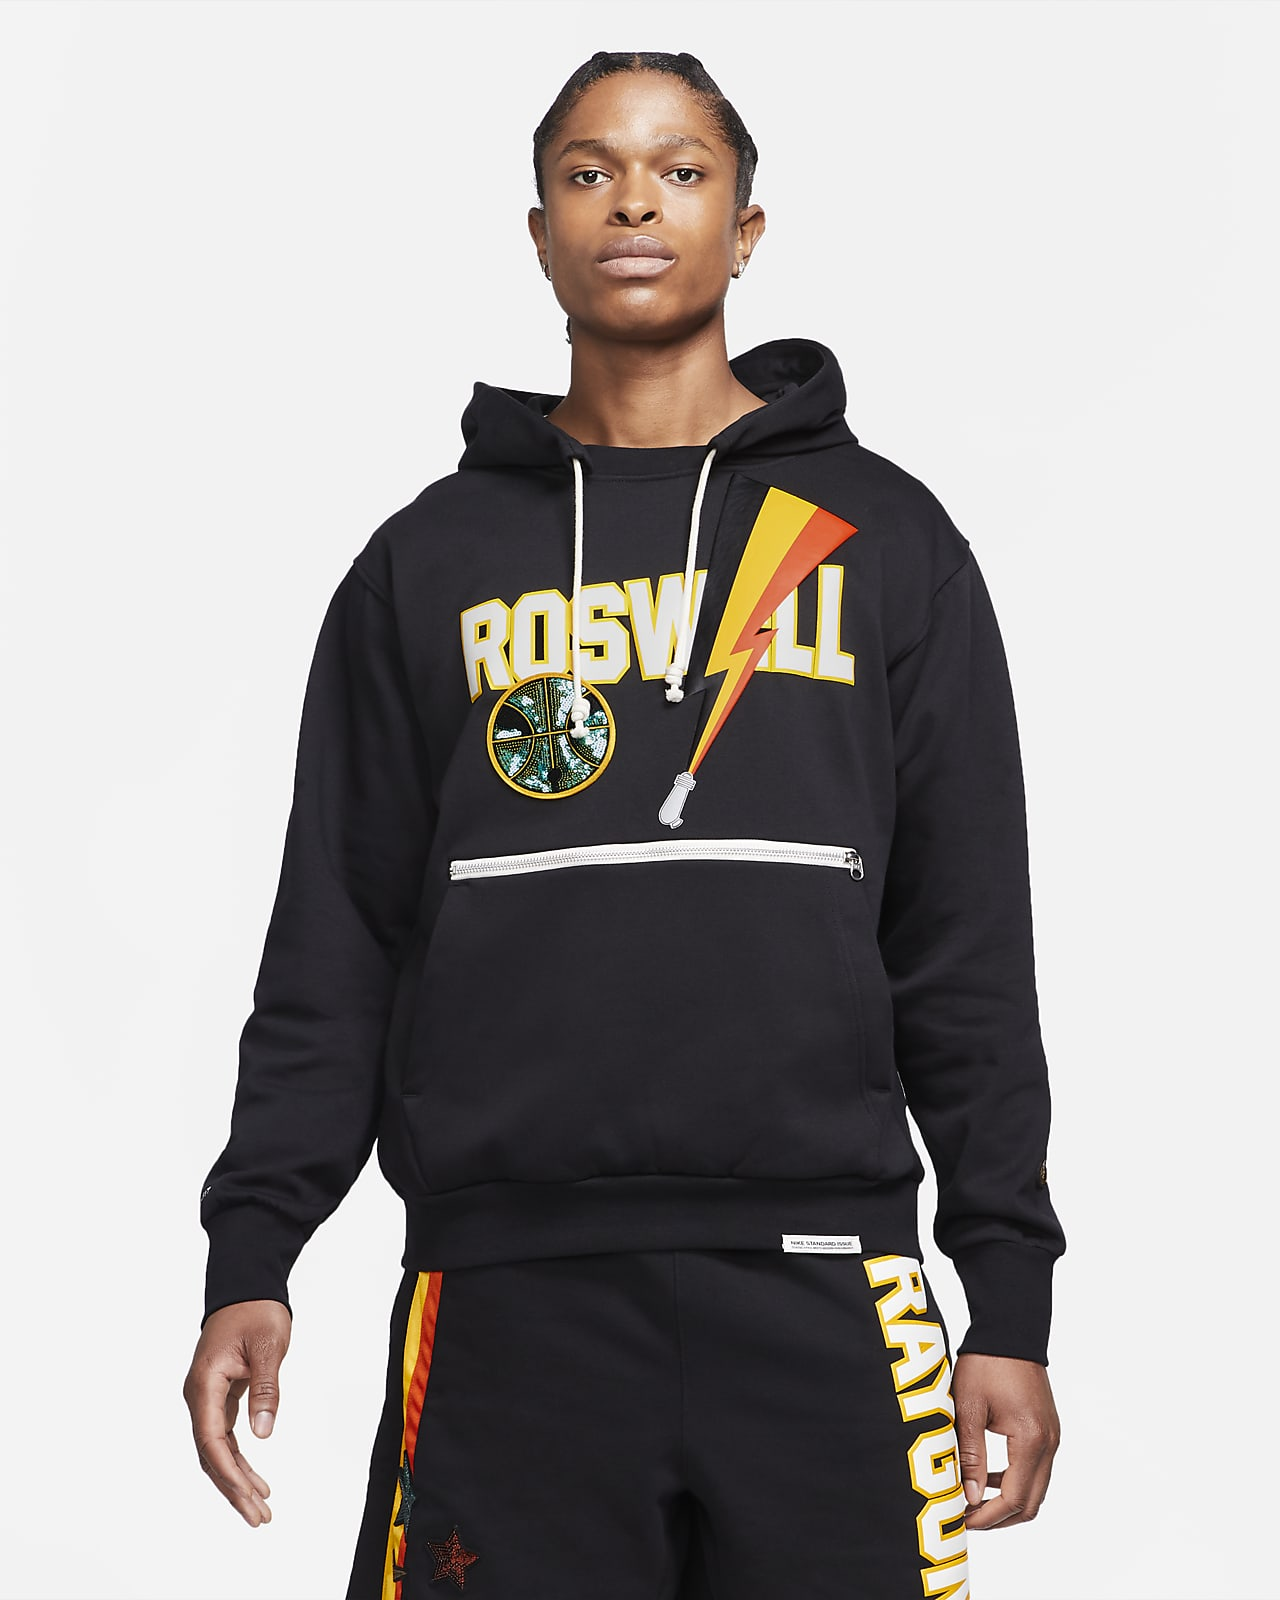 Nike Dri-FIT Rayguns hochwertiger Basketball-Hoodie für Herren